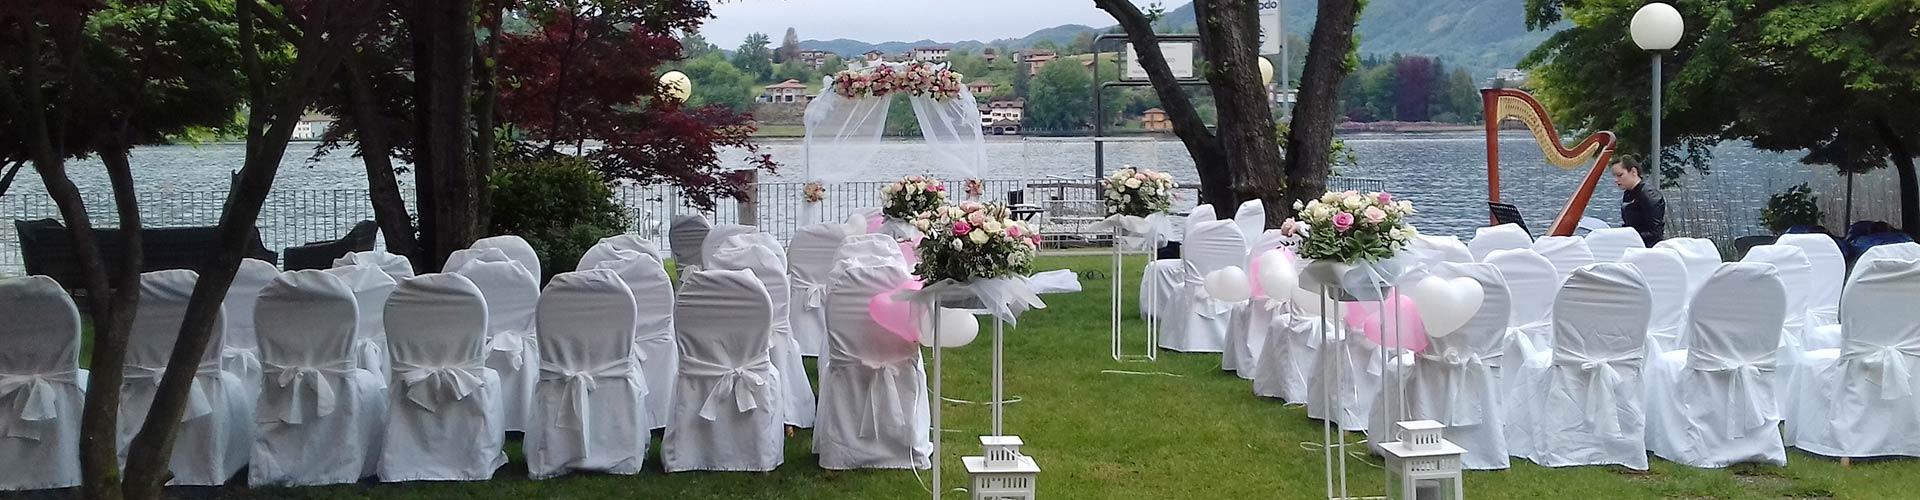 cerimonia-matrimonio-hotel-approdo-lago-orta